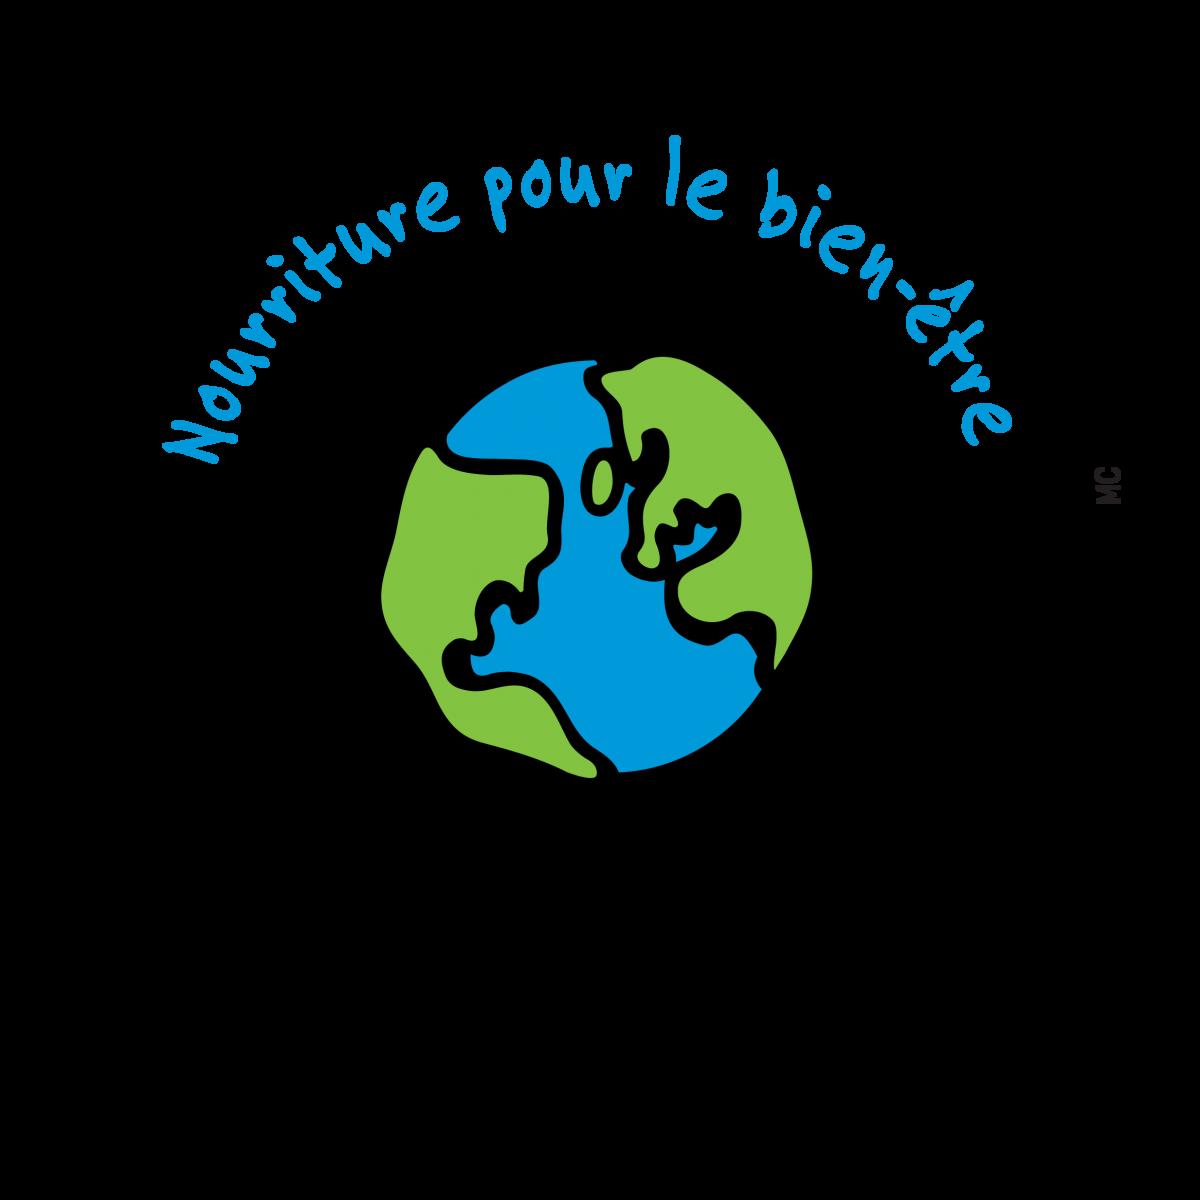 Nourriture pour le bien-être Happy Planet